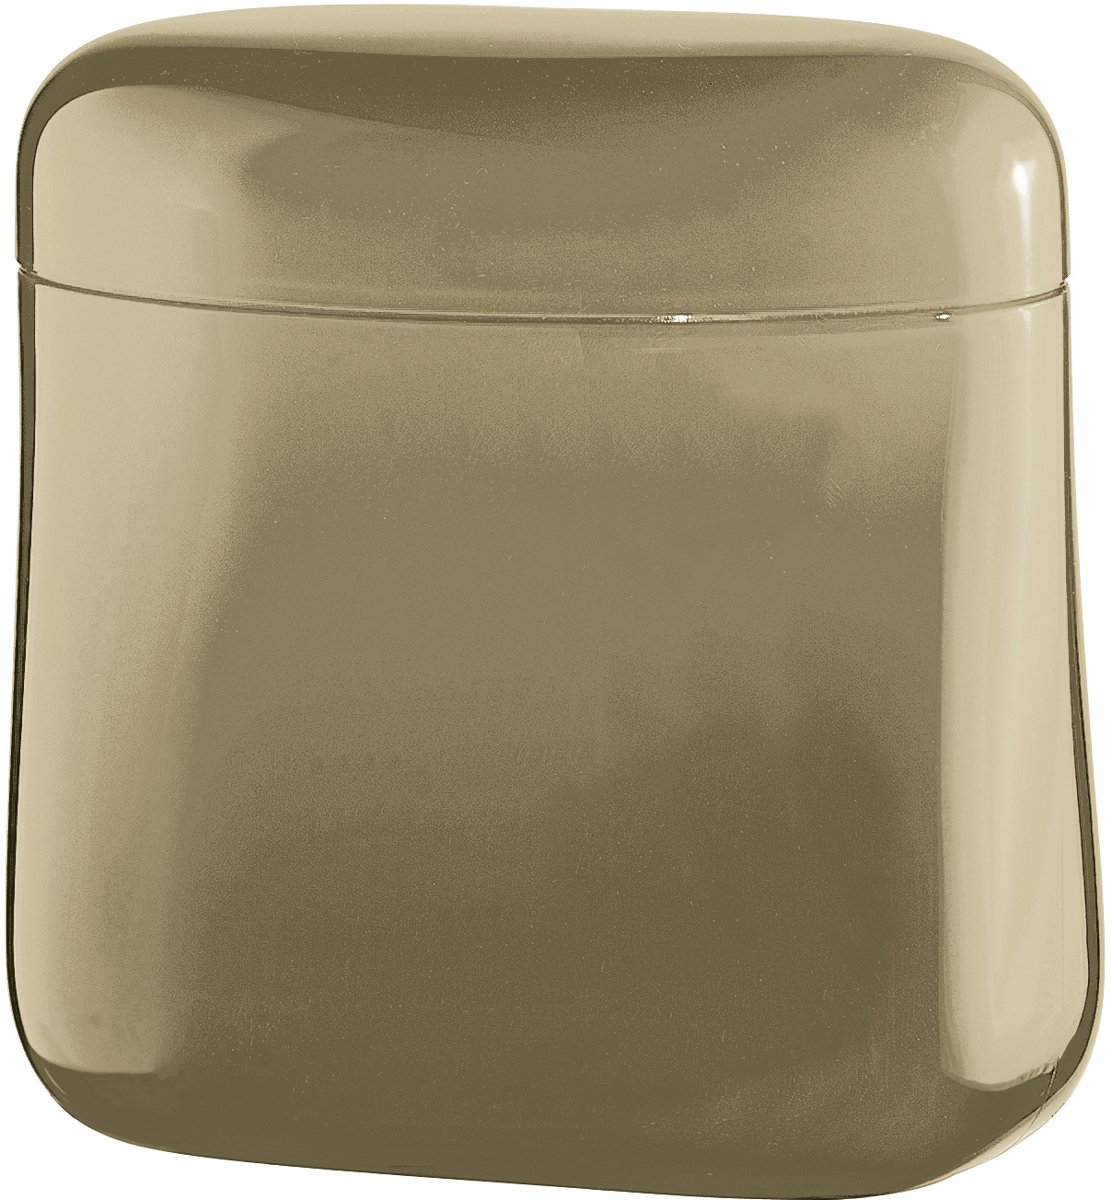 Банка для кофе Guzzini Gocce, цвет: песочный, 700 мл27300039Банка Gocce создана специально для длительного хранения кофе. Она изготовлена из органического стекла со светонепроницаемым покрытием для защиты от преждевременного разрушения. Крышка банки плотно закрывается, что позволит надолго сохранить вкус и аромат кофе. Благодаря своей компактности, ёмкость не займет много места в шкафу и идеально поместится в дверце холодильника. При желании её можно использовать для хранения не только кофе, но и других сыпучих продуктов.Объем 700 мл. Пригодна для мытья в посудомоечной машине.